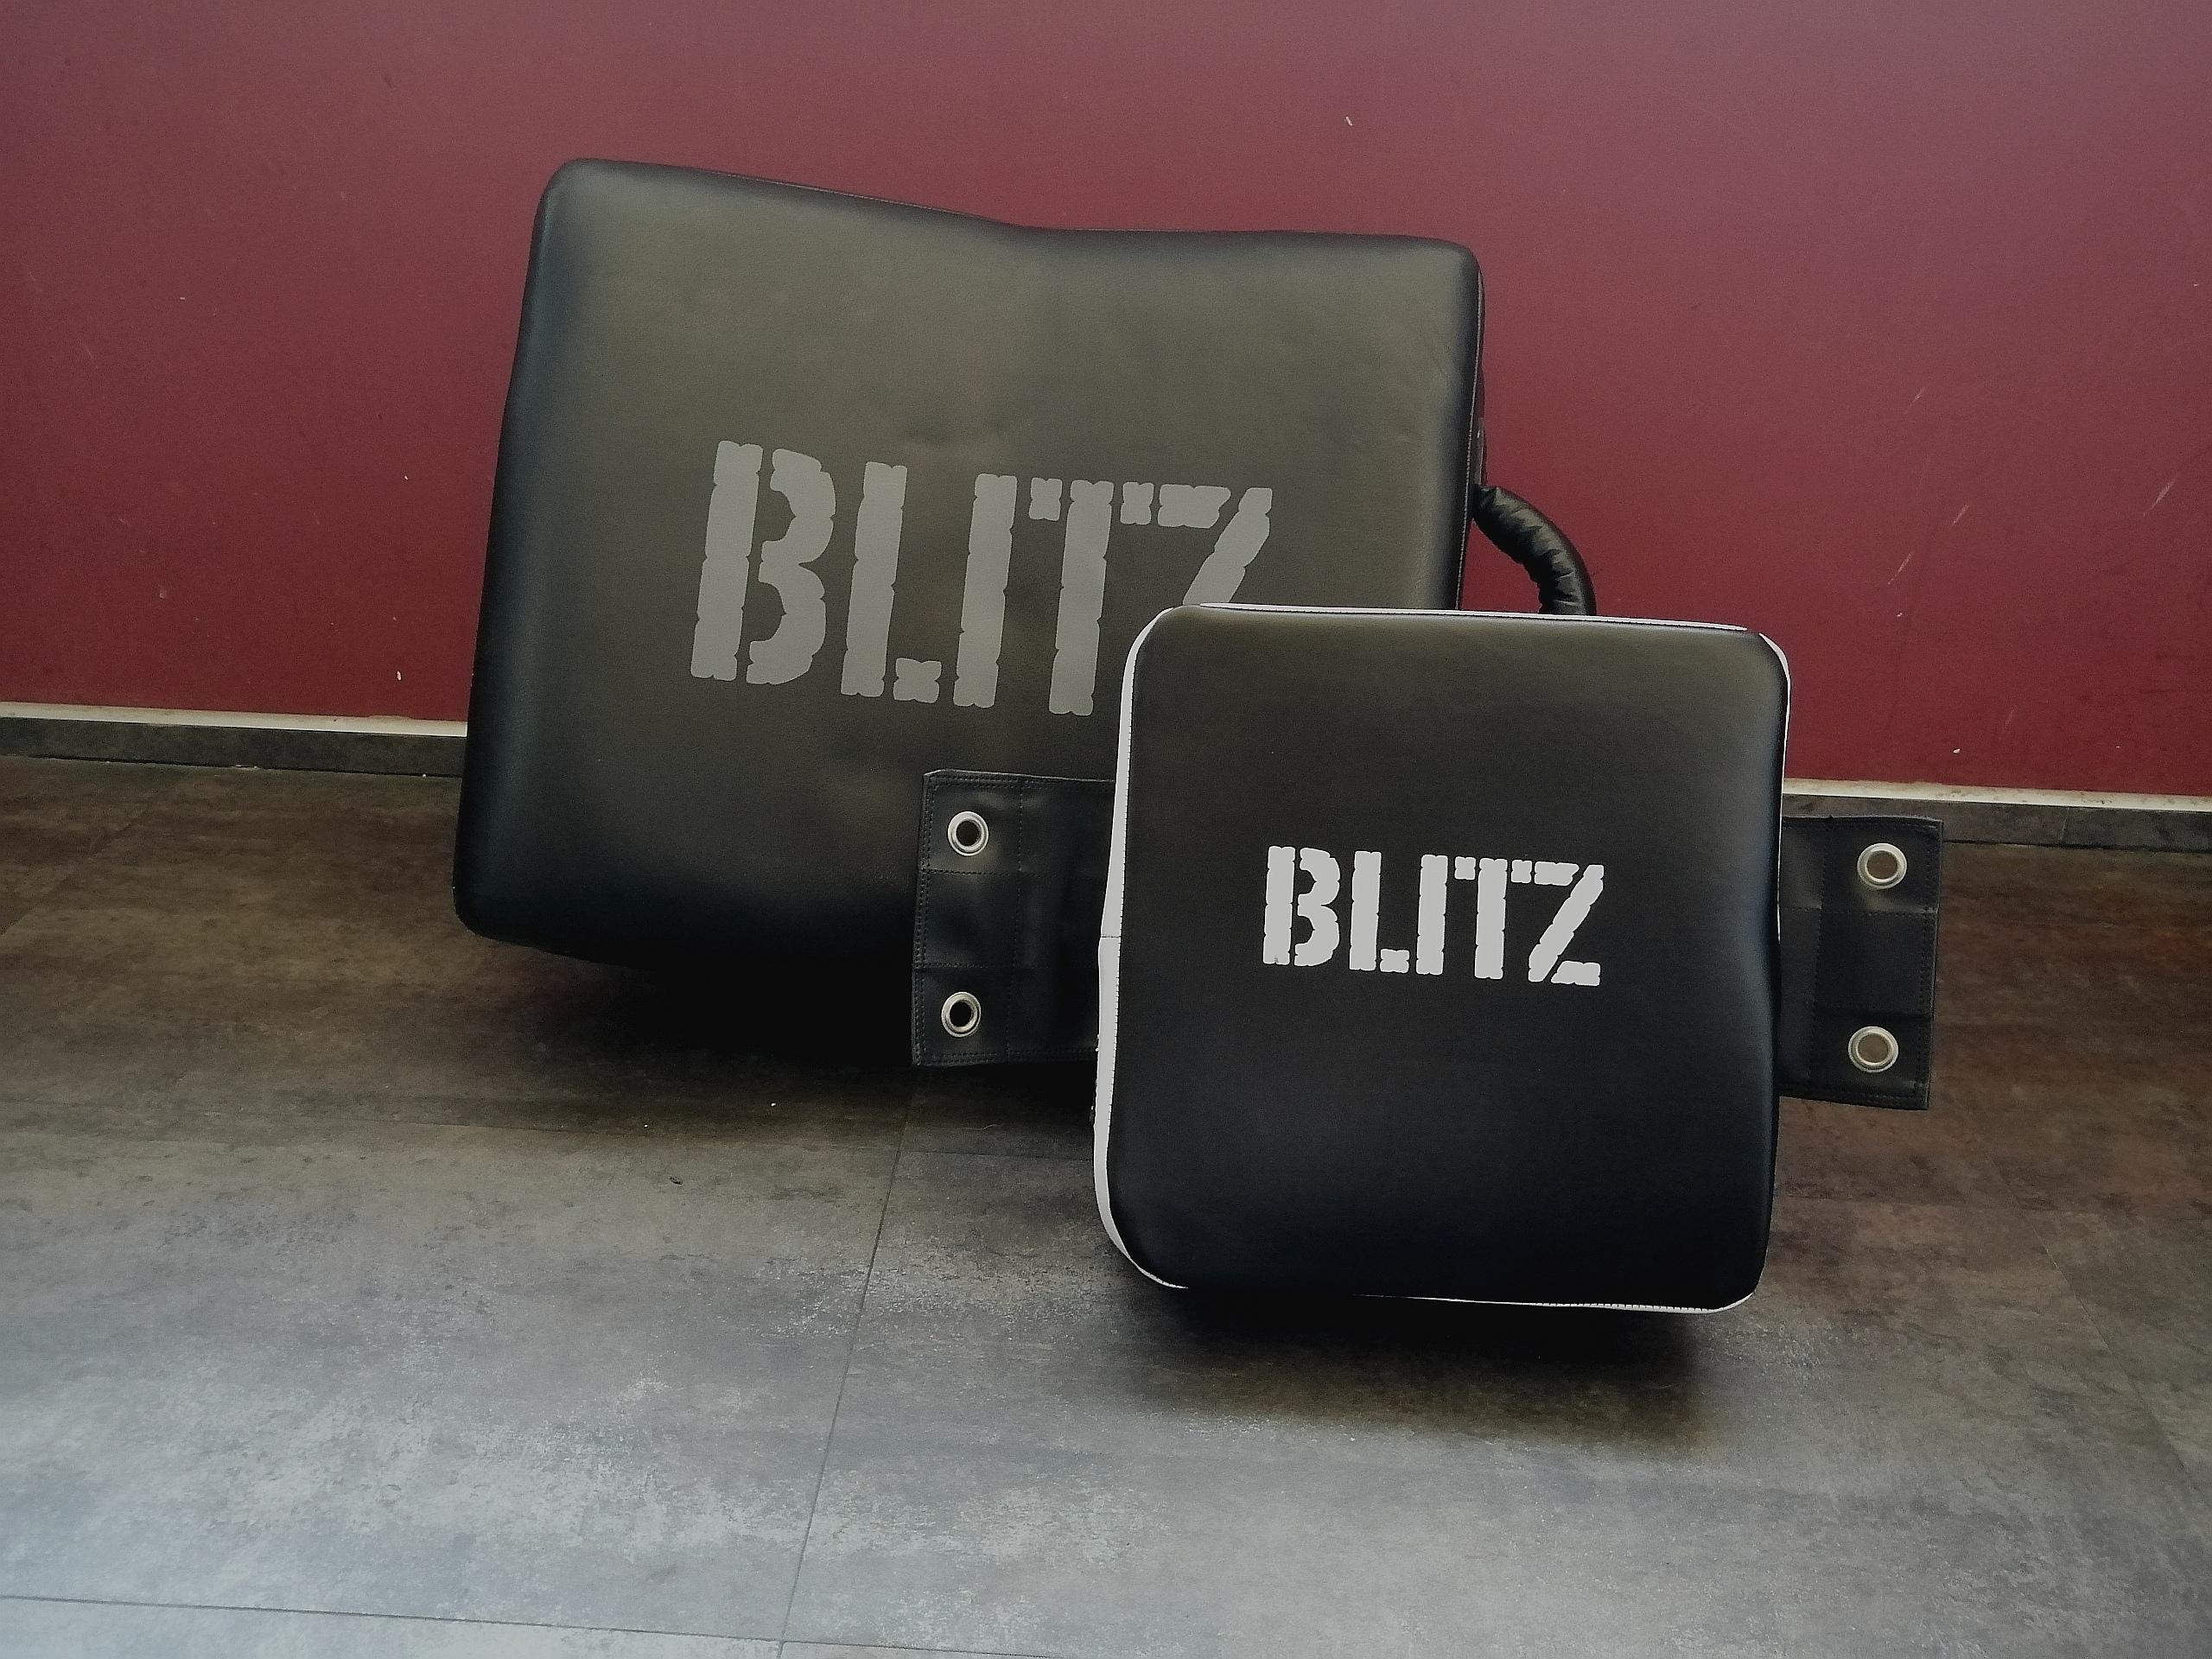 Blitz Wall Pad & Blitz Kick Shield Review [Detailed]